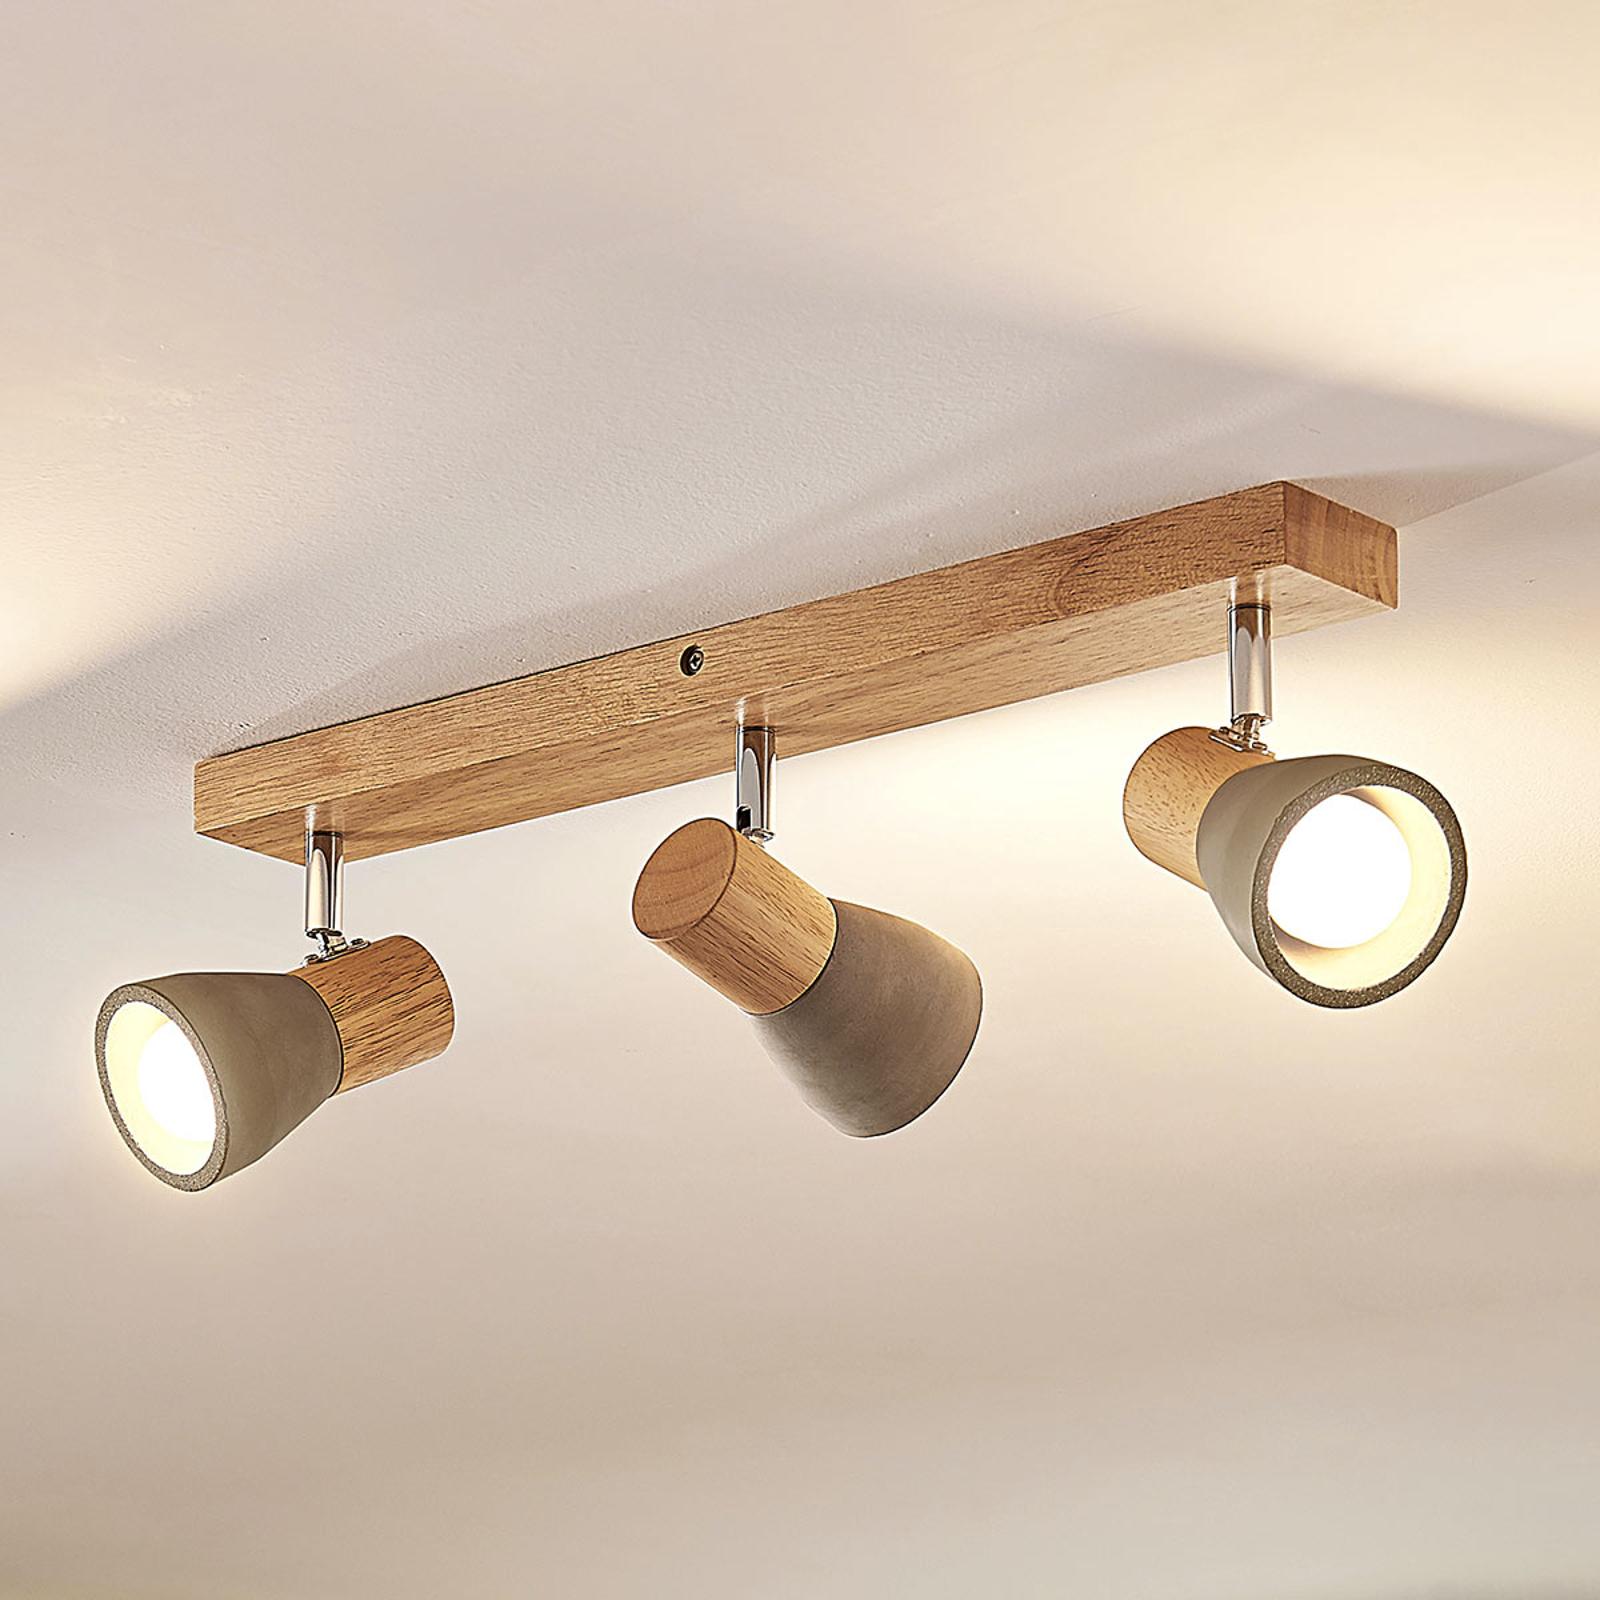 Filiz – LED-taklampe i betong og tre, 3 lys